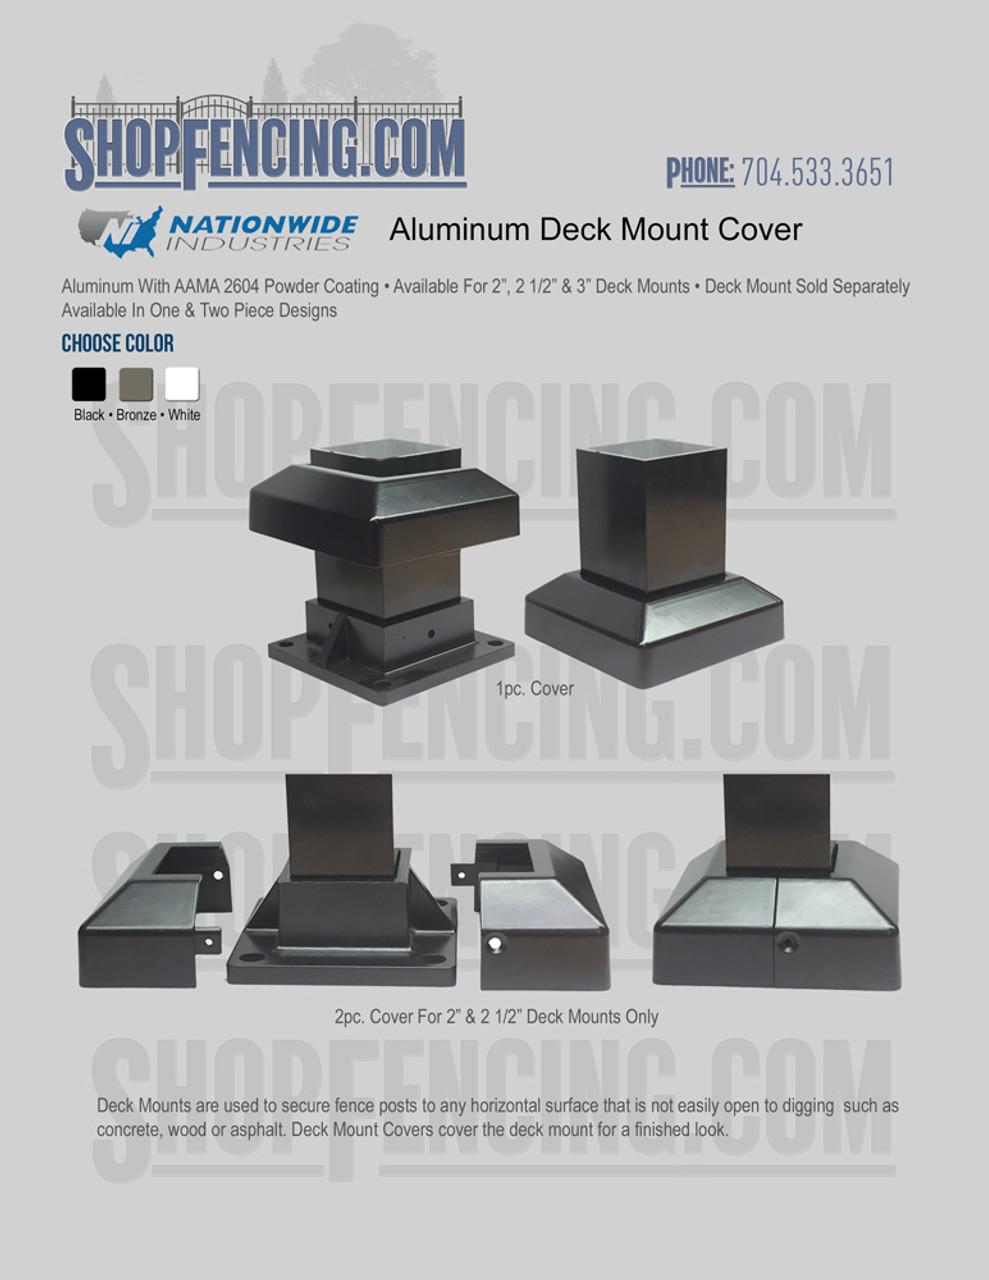 Aluminum Deck Mount Cover